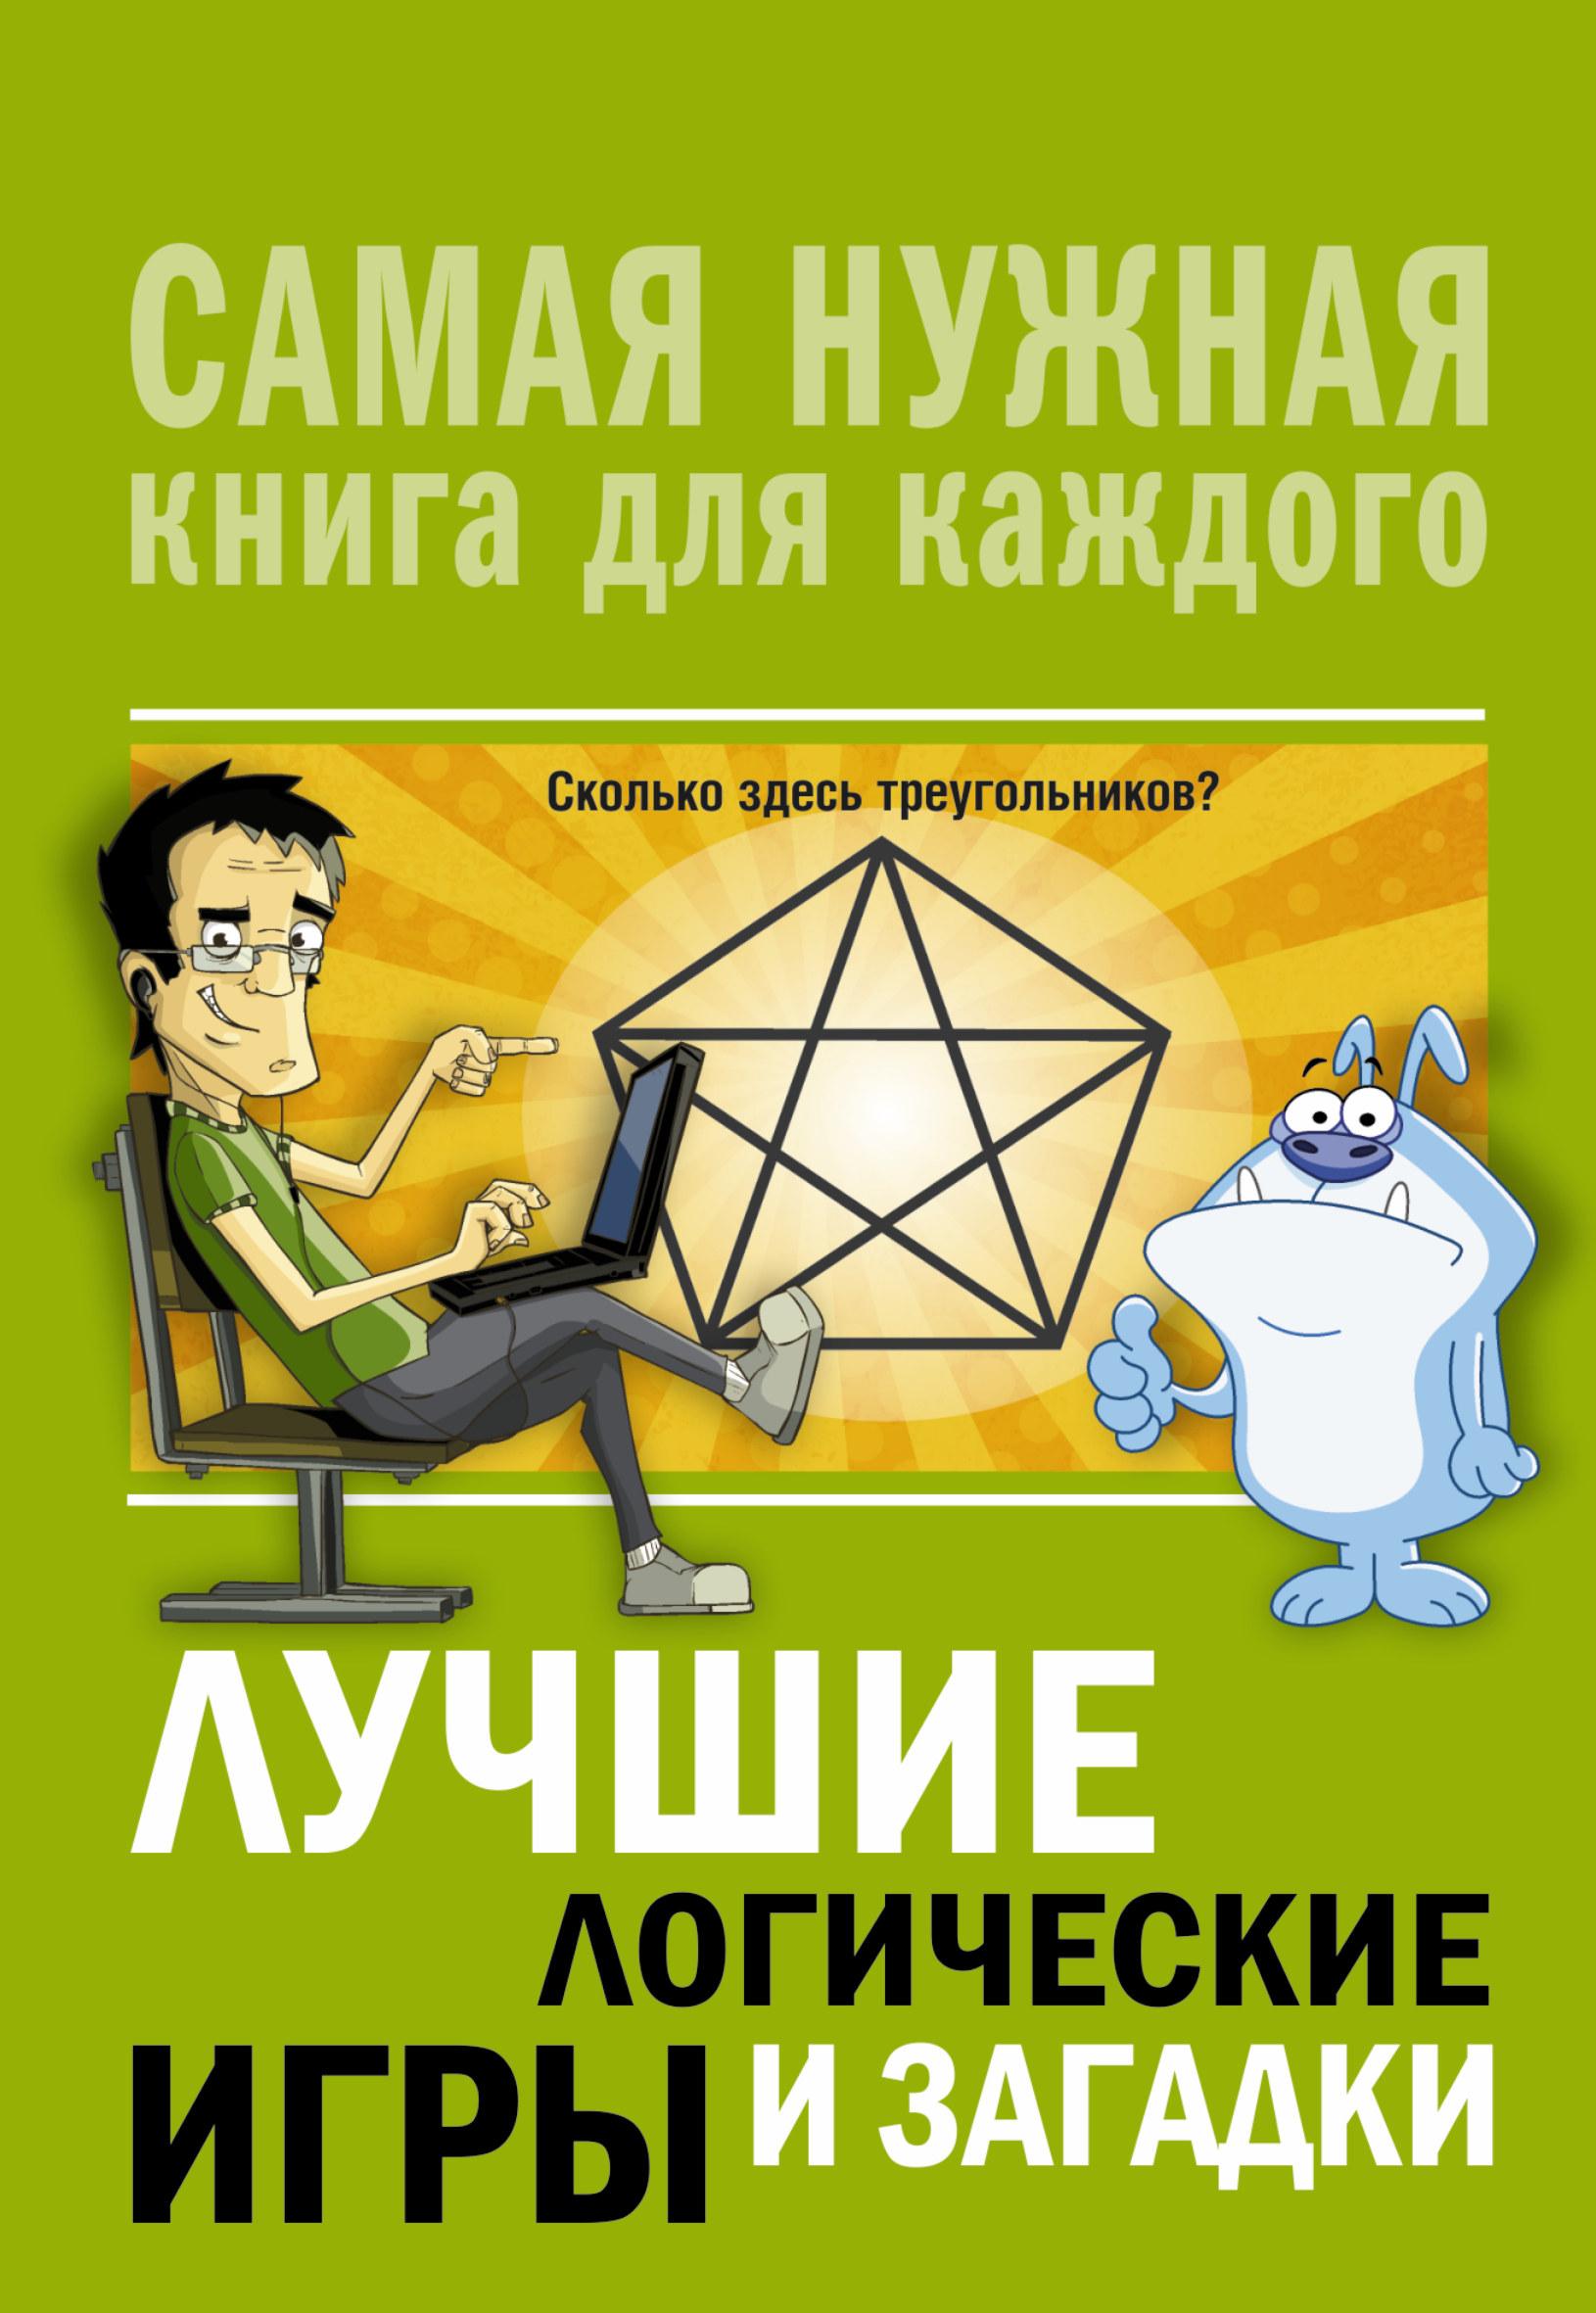 . Лучшие логические игры и загадки киселева е лучшие логические головоломки самые сложные логические задачи